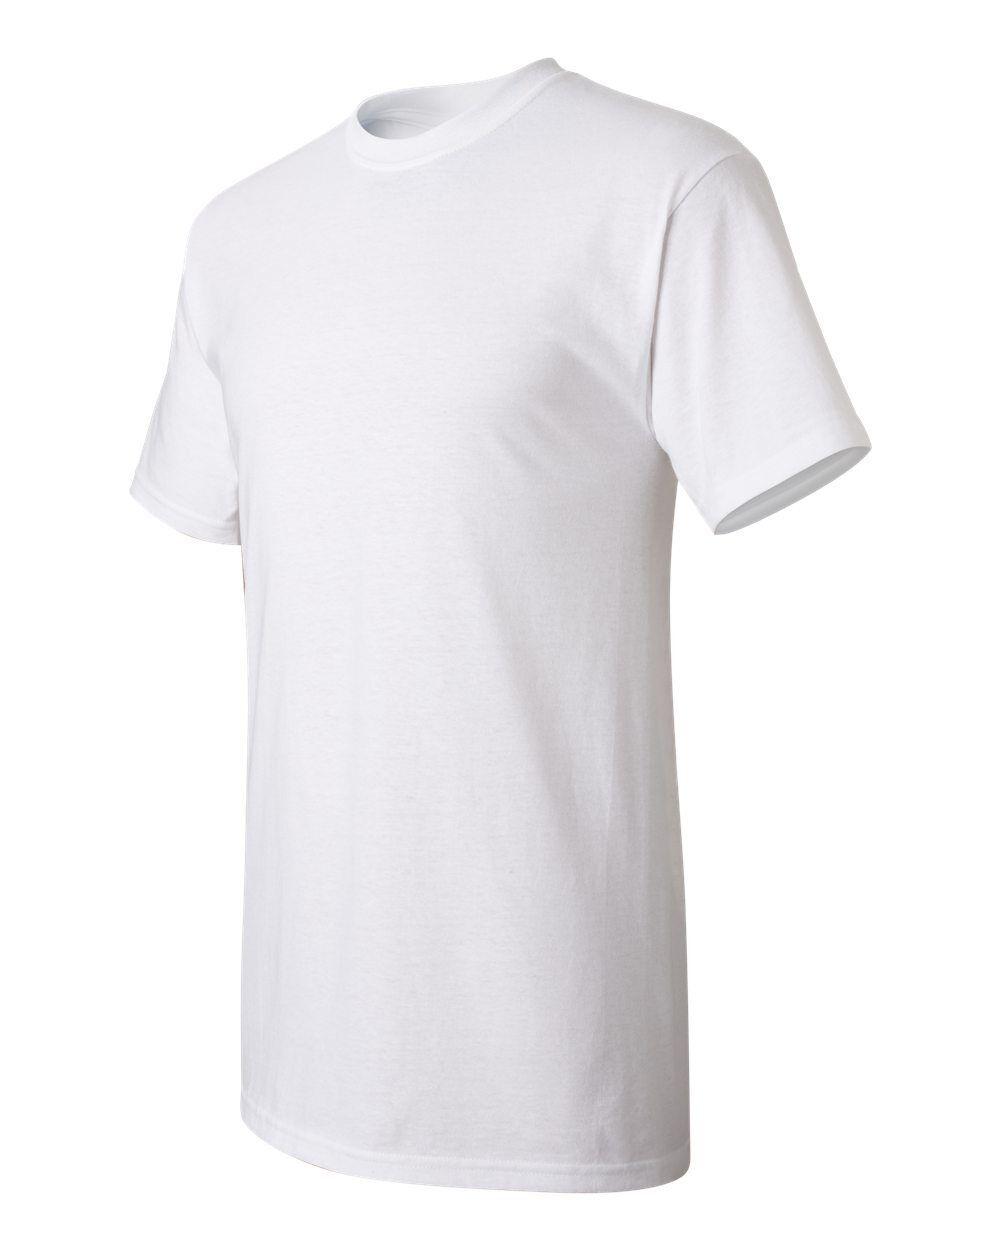 100 Wholesale Hanes ComfortSoft Cotton Weiß Adult T-Shirts Bulk Lot S M L XL